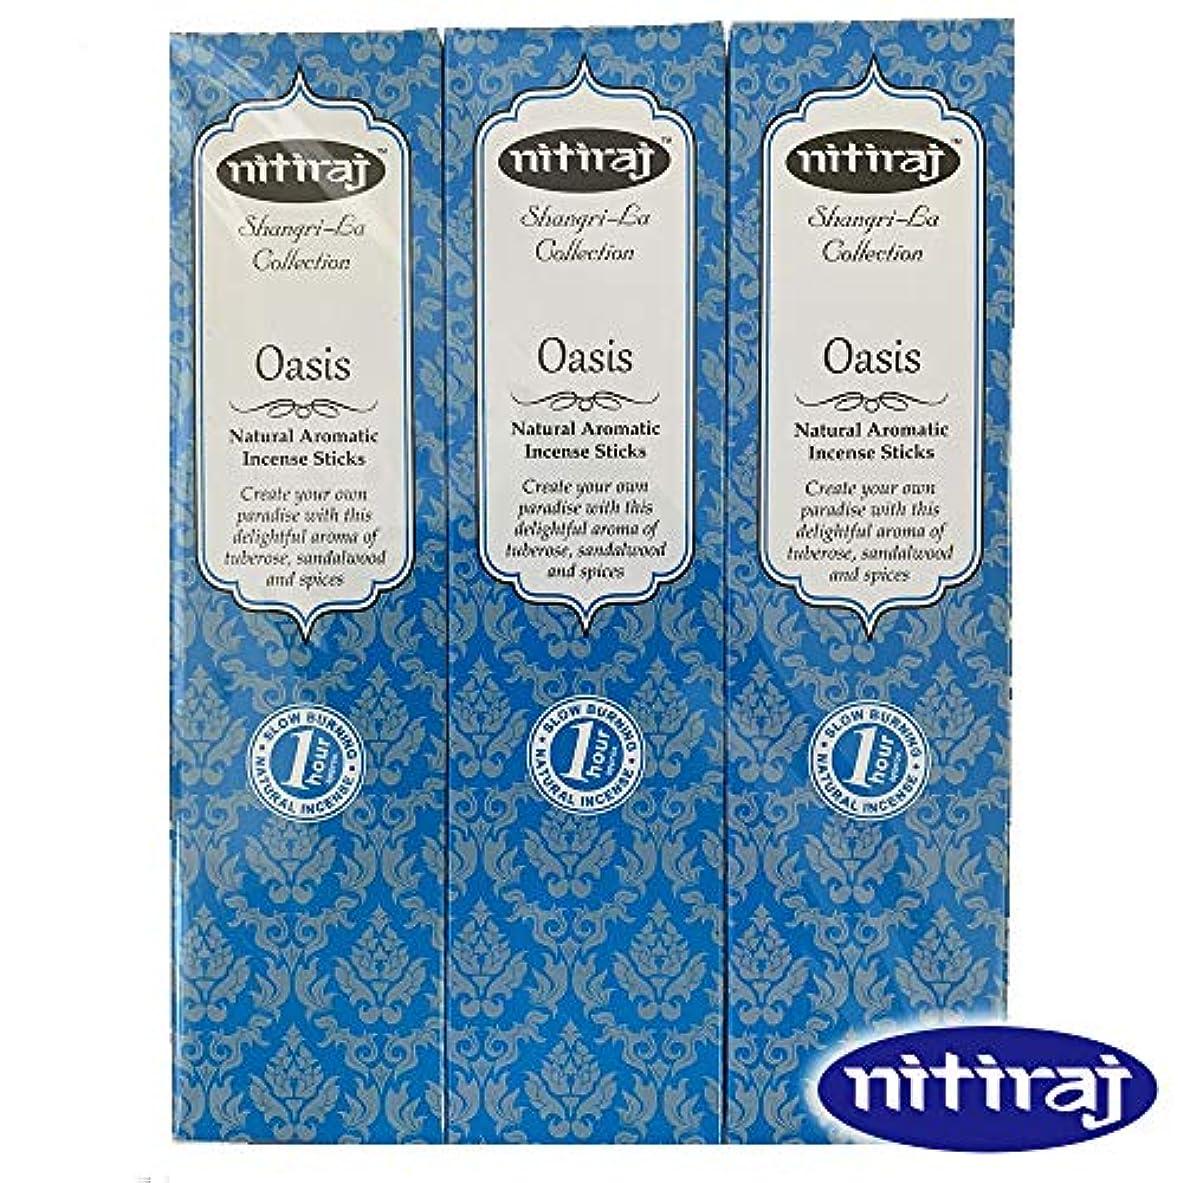 魅力地域のサイズお香 アロマインセンス Nitiraj(ニティラジ)Oasis(オアシス) 3箱セット(30本/1箱10本入り)100%天然素材